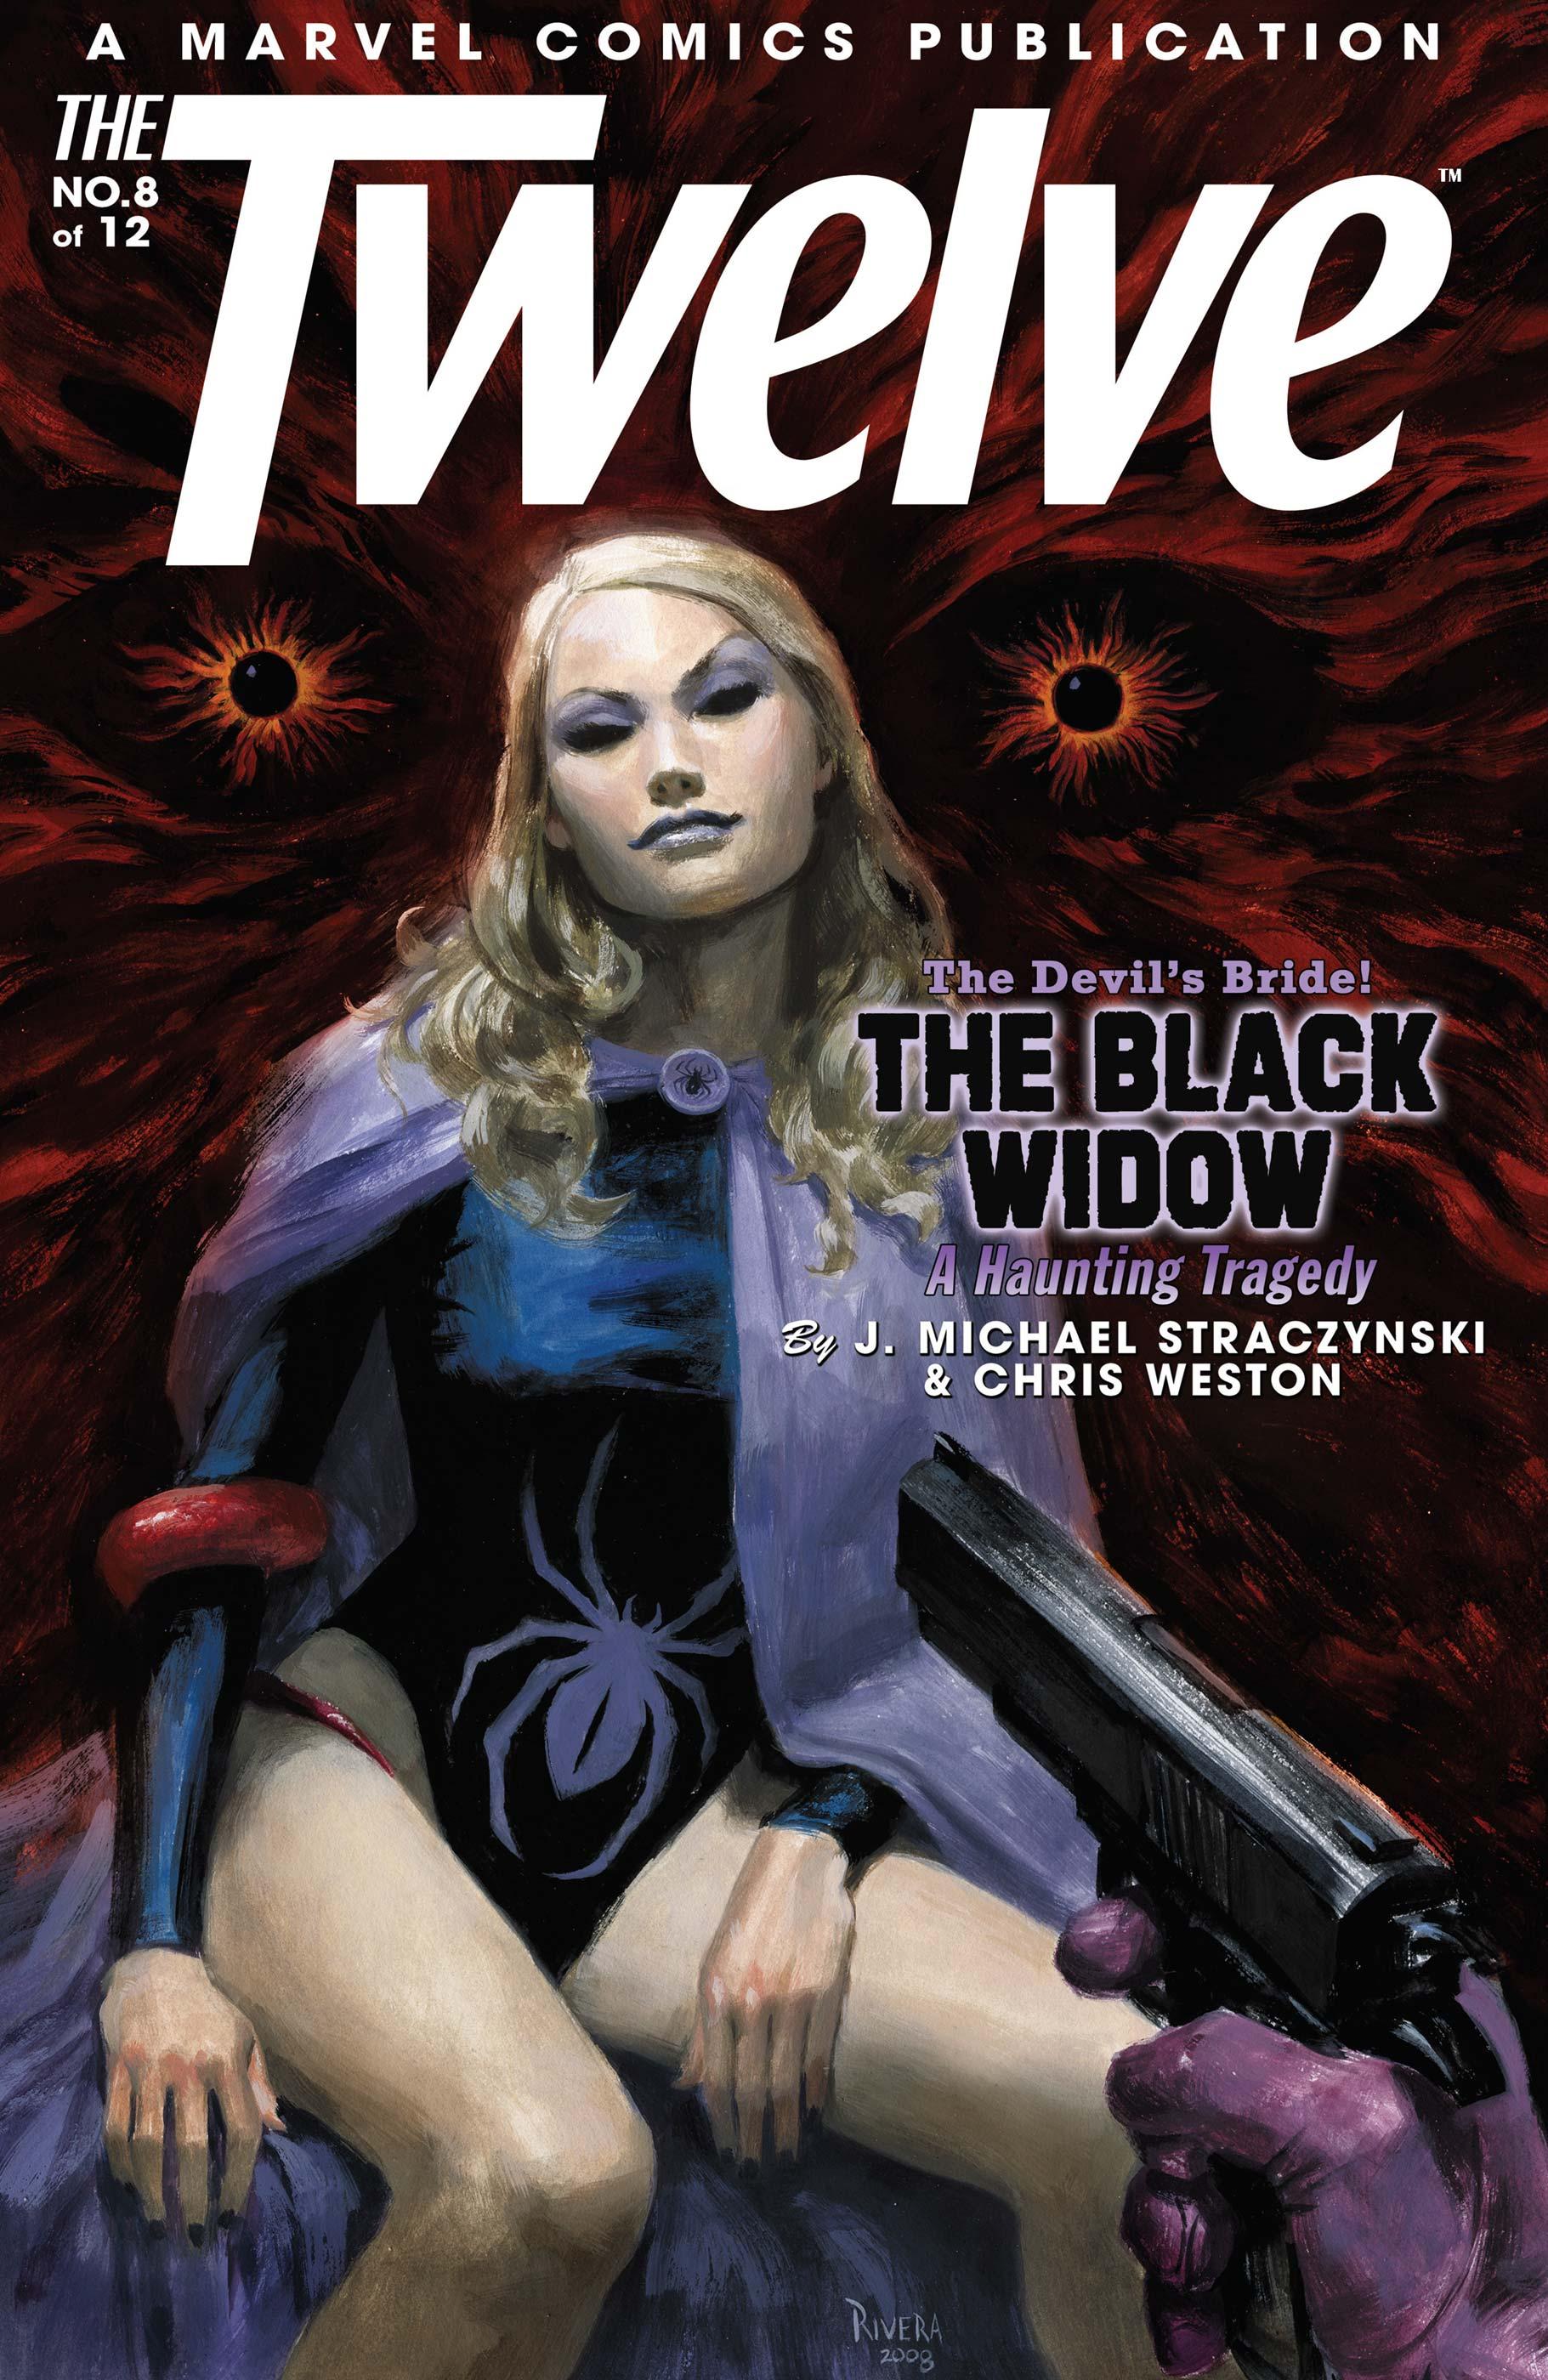 The Twelve (2007) #8